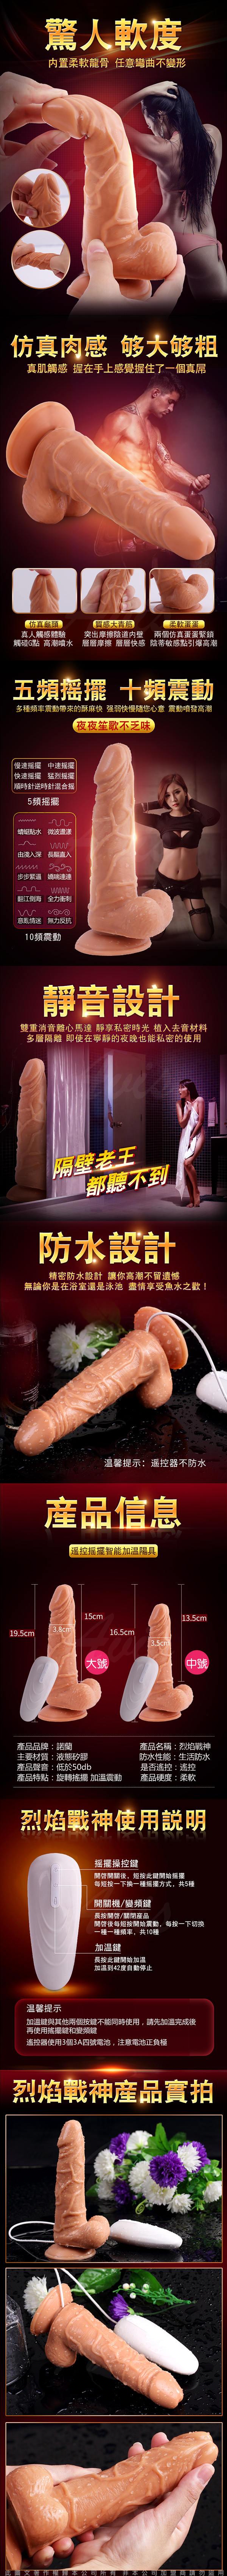 香港Funme-烈焰戰神 5段搖擺+10段震動 智能加溫逼真老二棒-中號